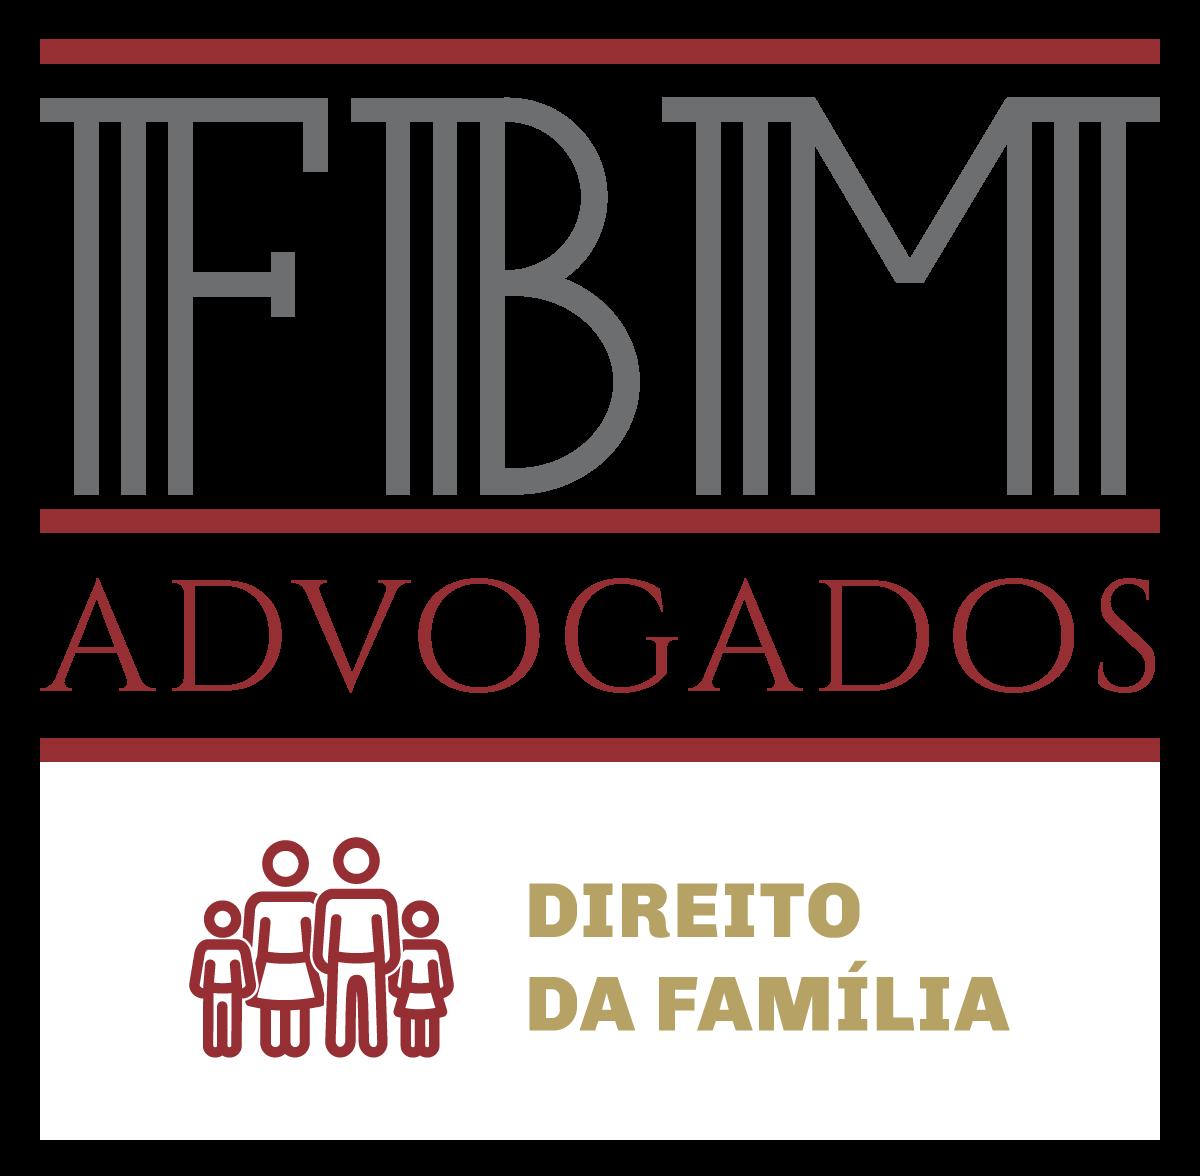 Advogados Direito da Família